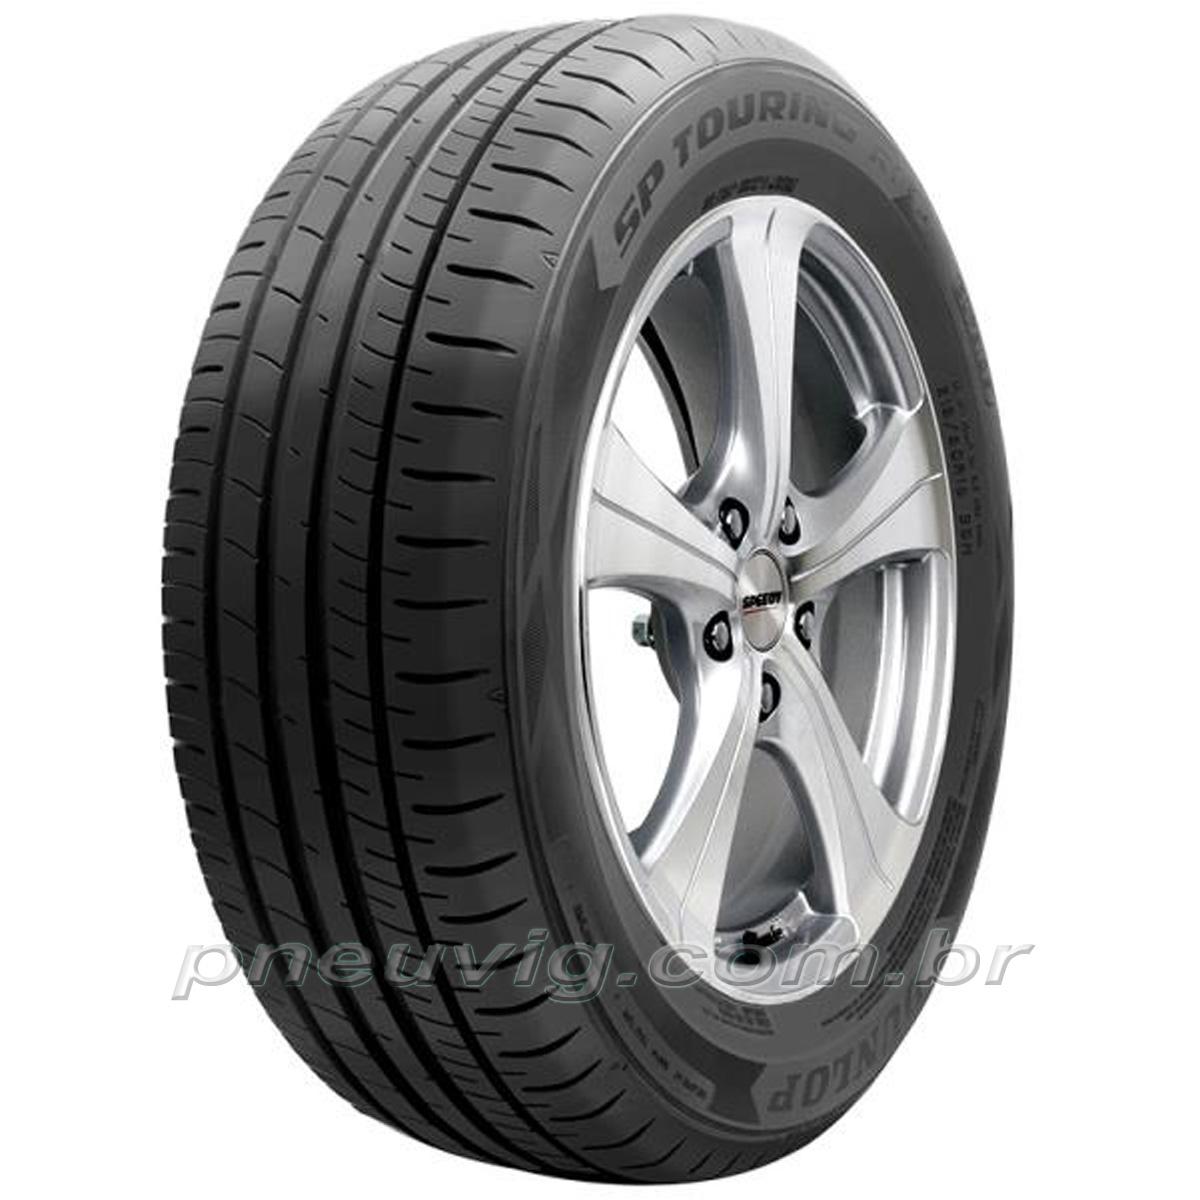 Pneu Dunlop 175/70r14 88T Sp Touring R1